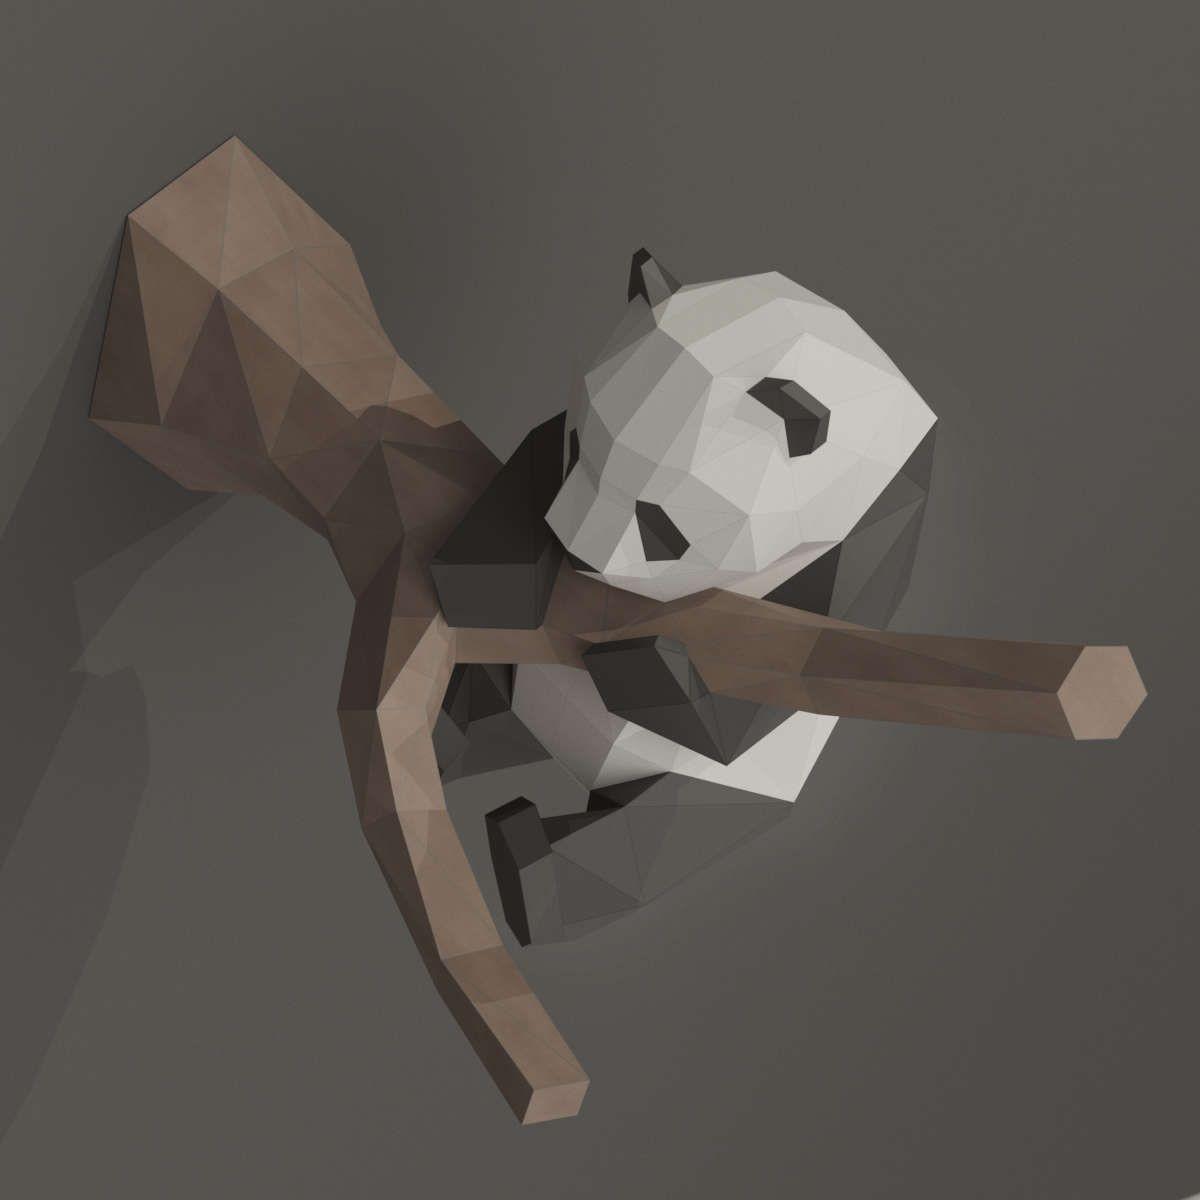 Black Rock Shooter Papercraft Diy Papercraft Panda 3d Papercraft Panda Panda Gift Diy Gift Kit